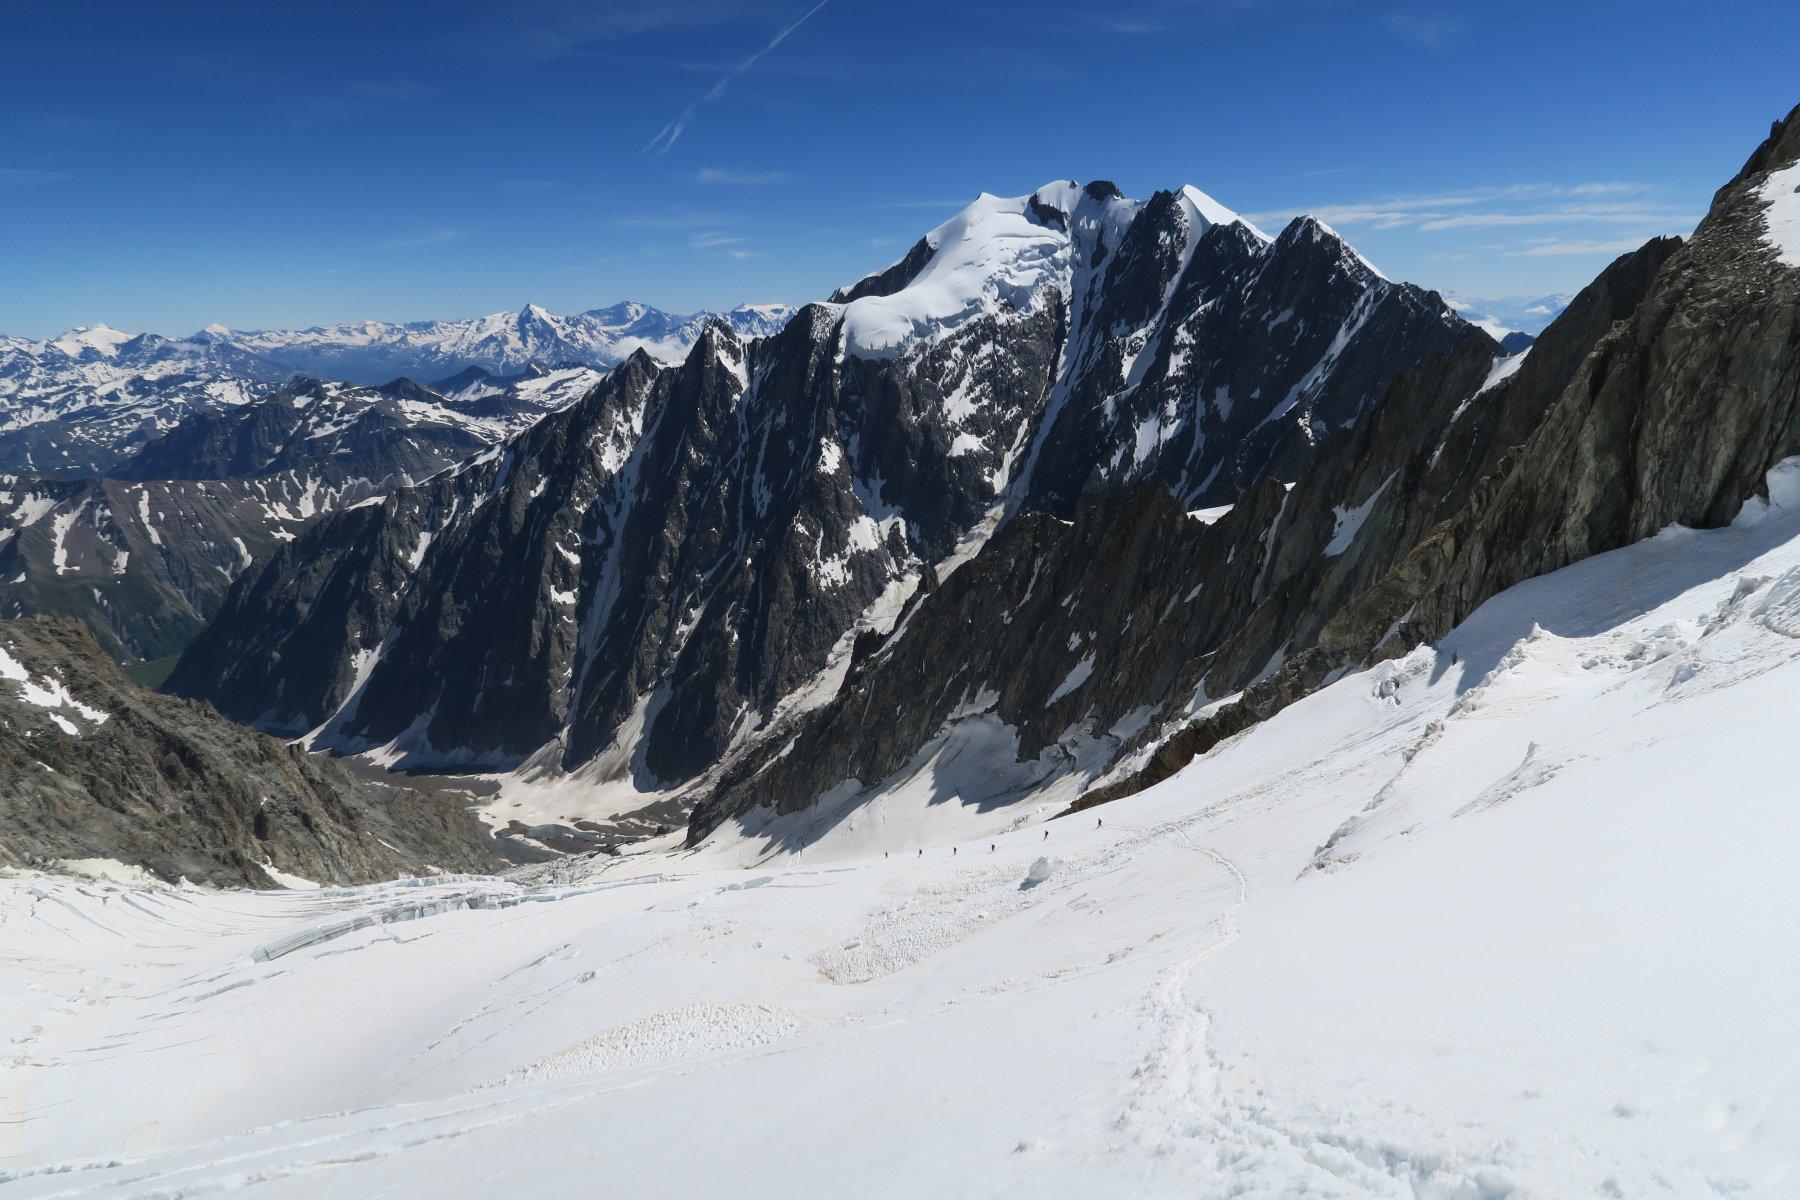 gruppone di alpinisti polacchi in discesa con la Trelatete sullo sfondo